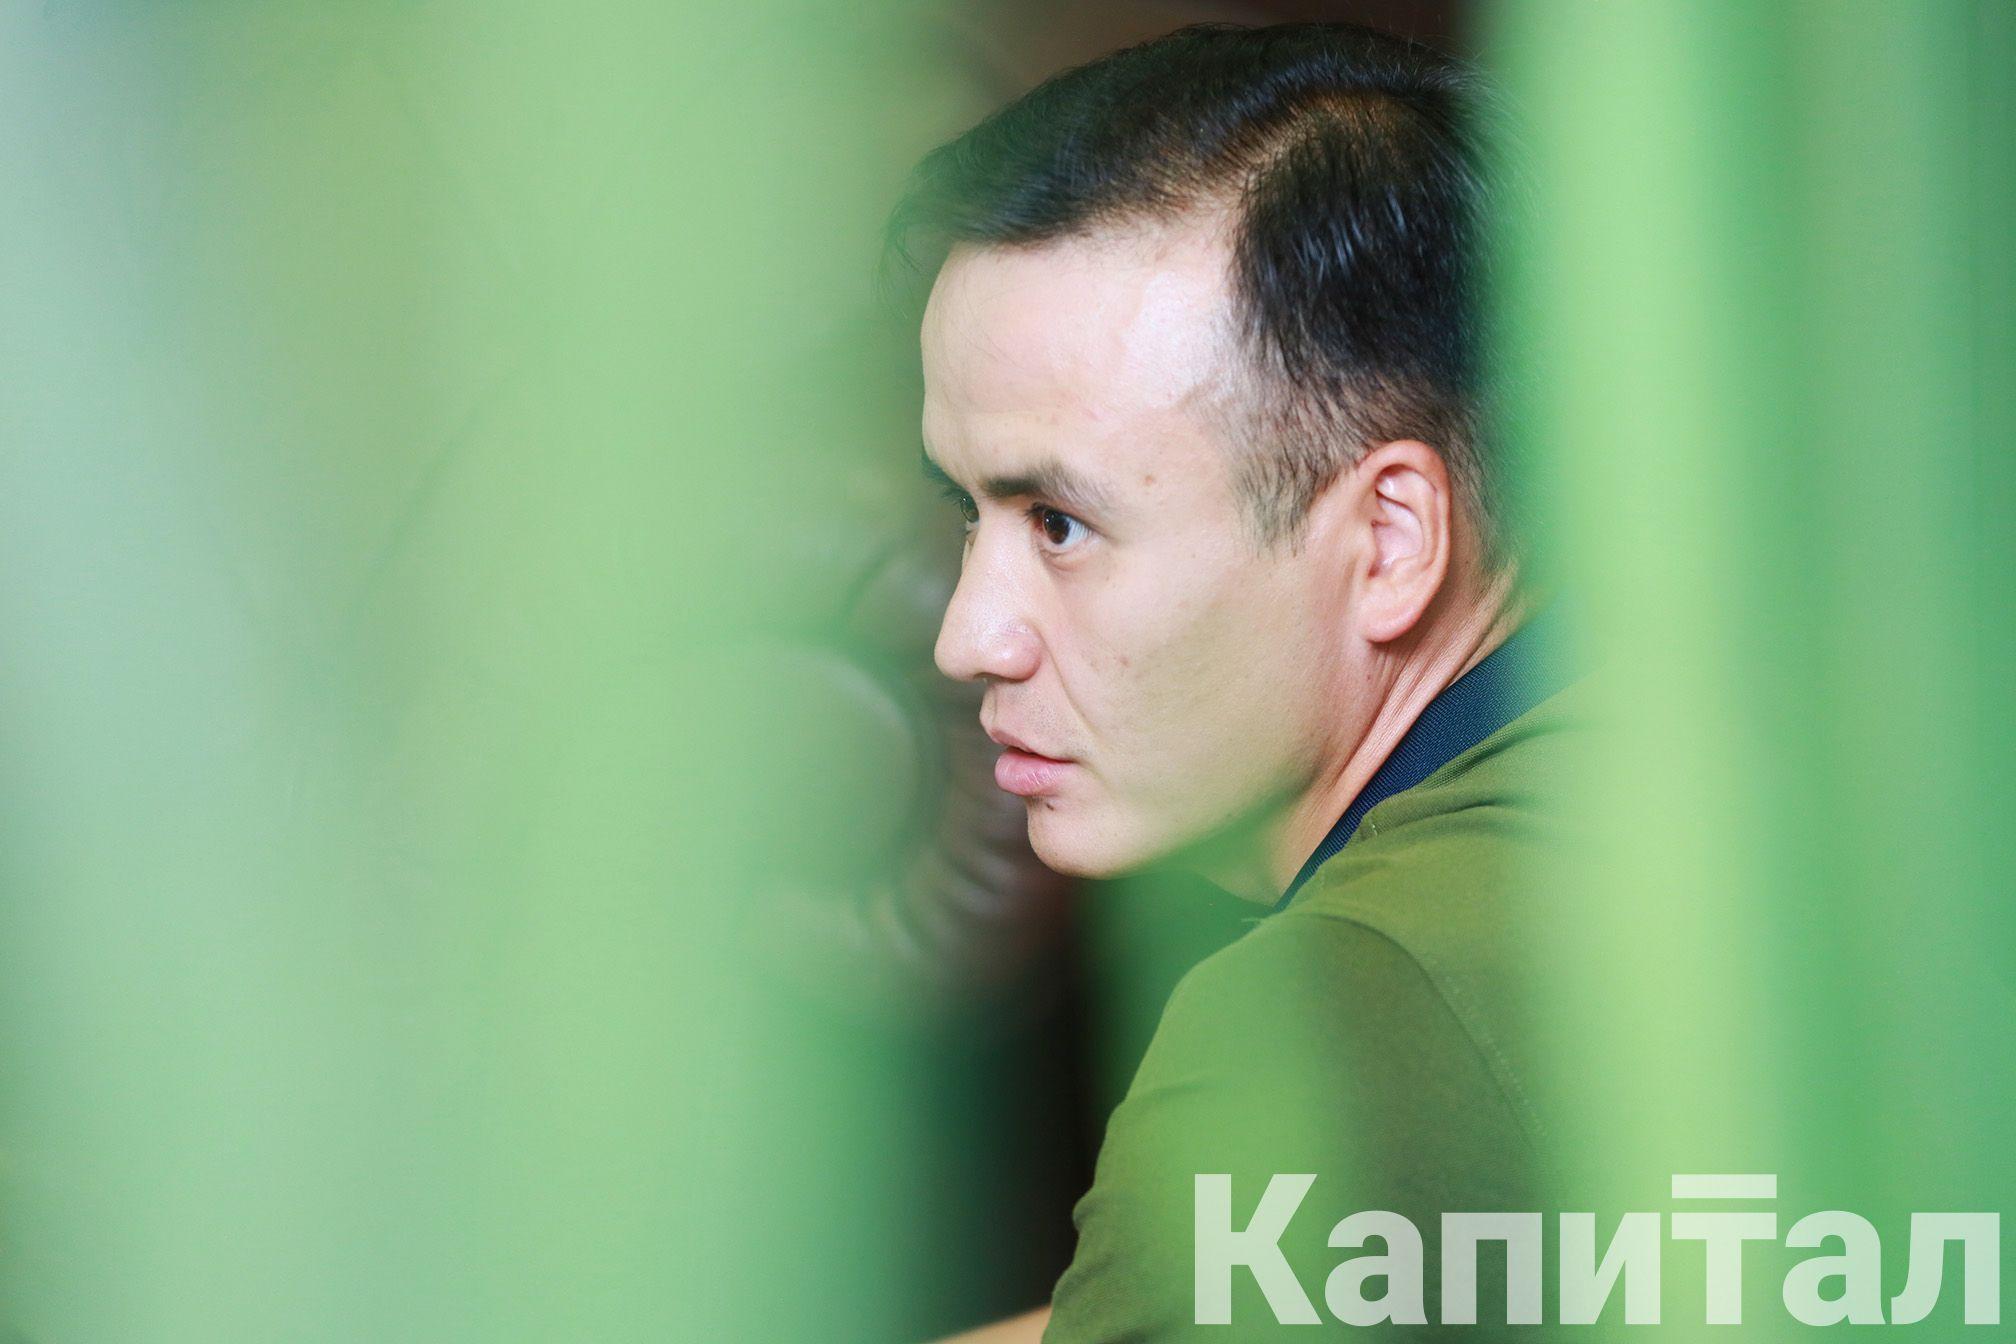 Галым Чуашев: Мы 100% своей продукции реализуем через интернет 407054 - Kapital.kz